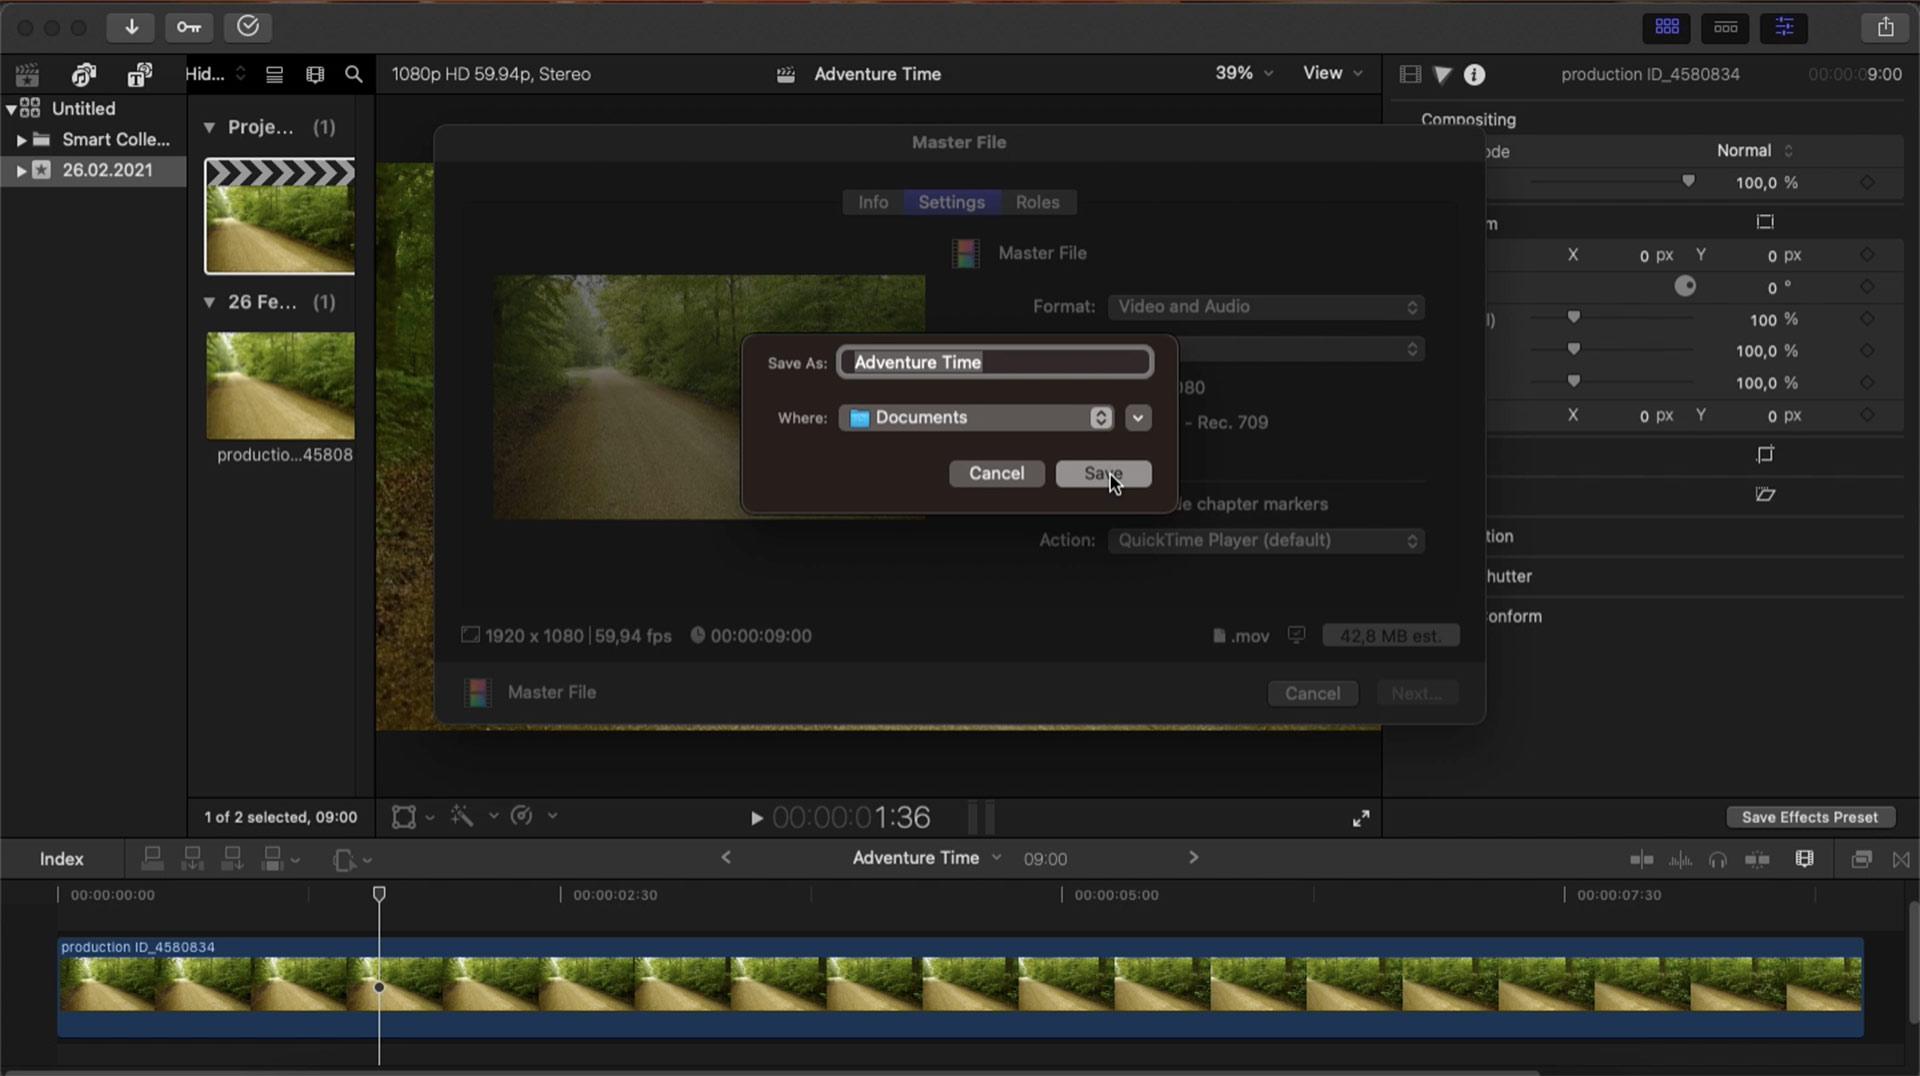 screenshot of final cut pro ui showing how to save